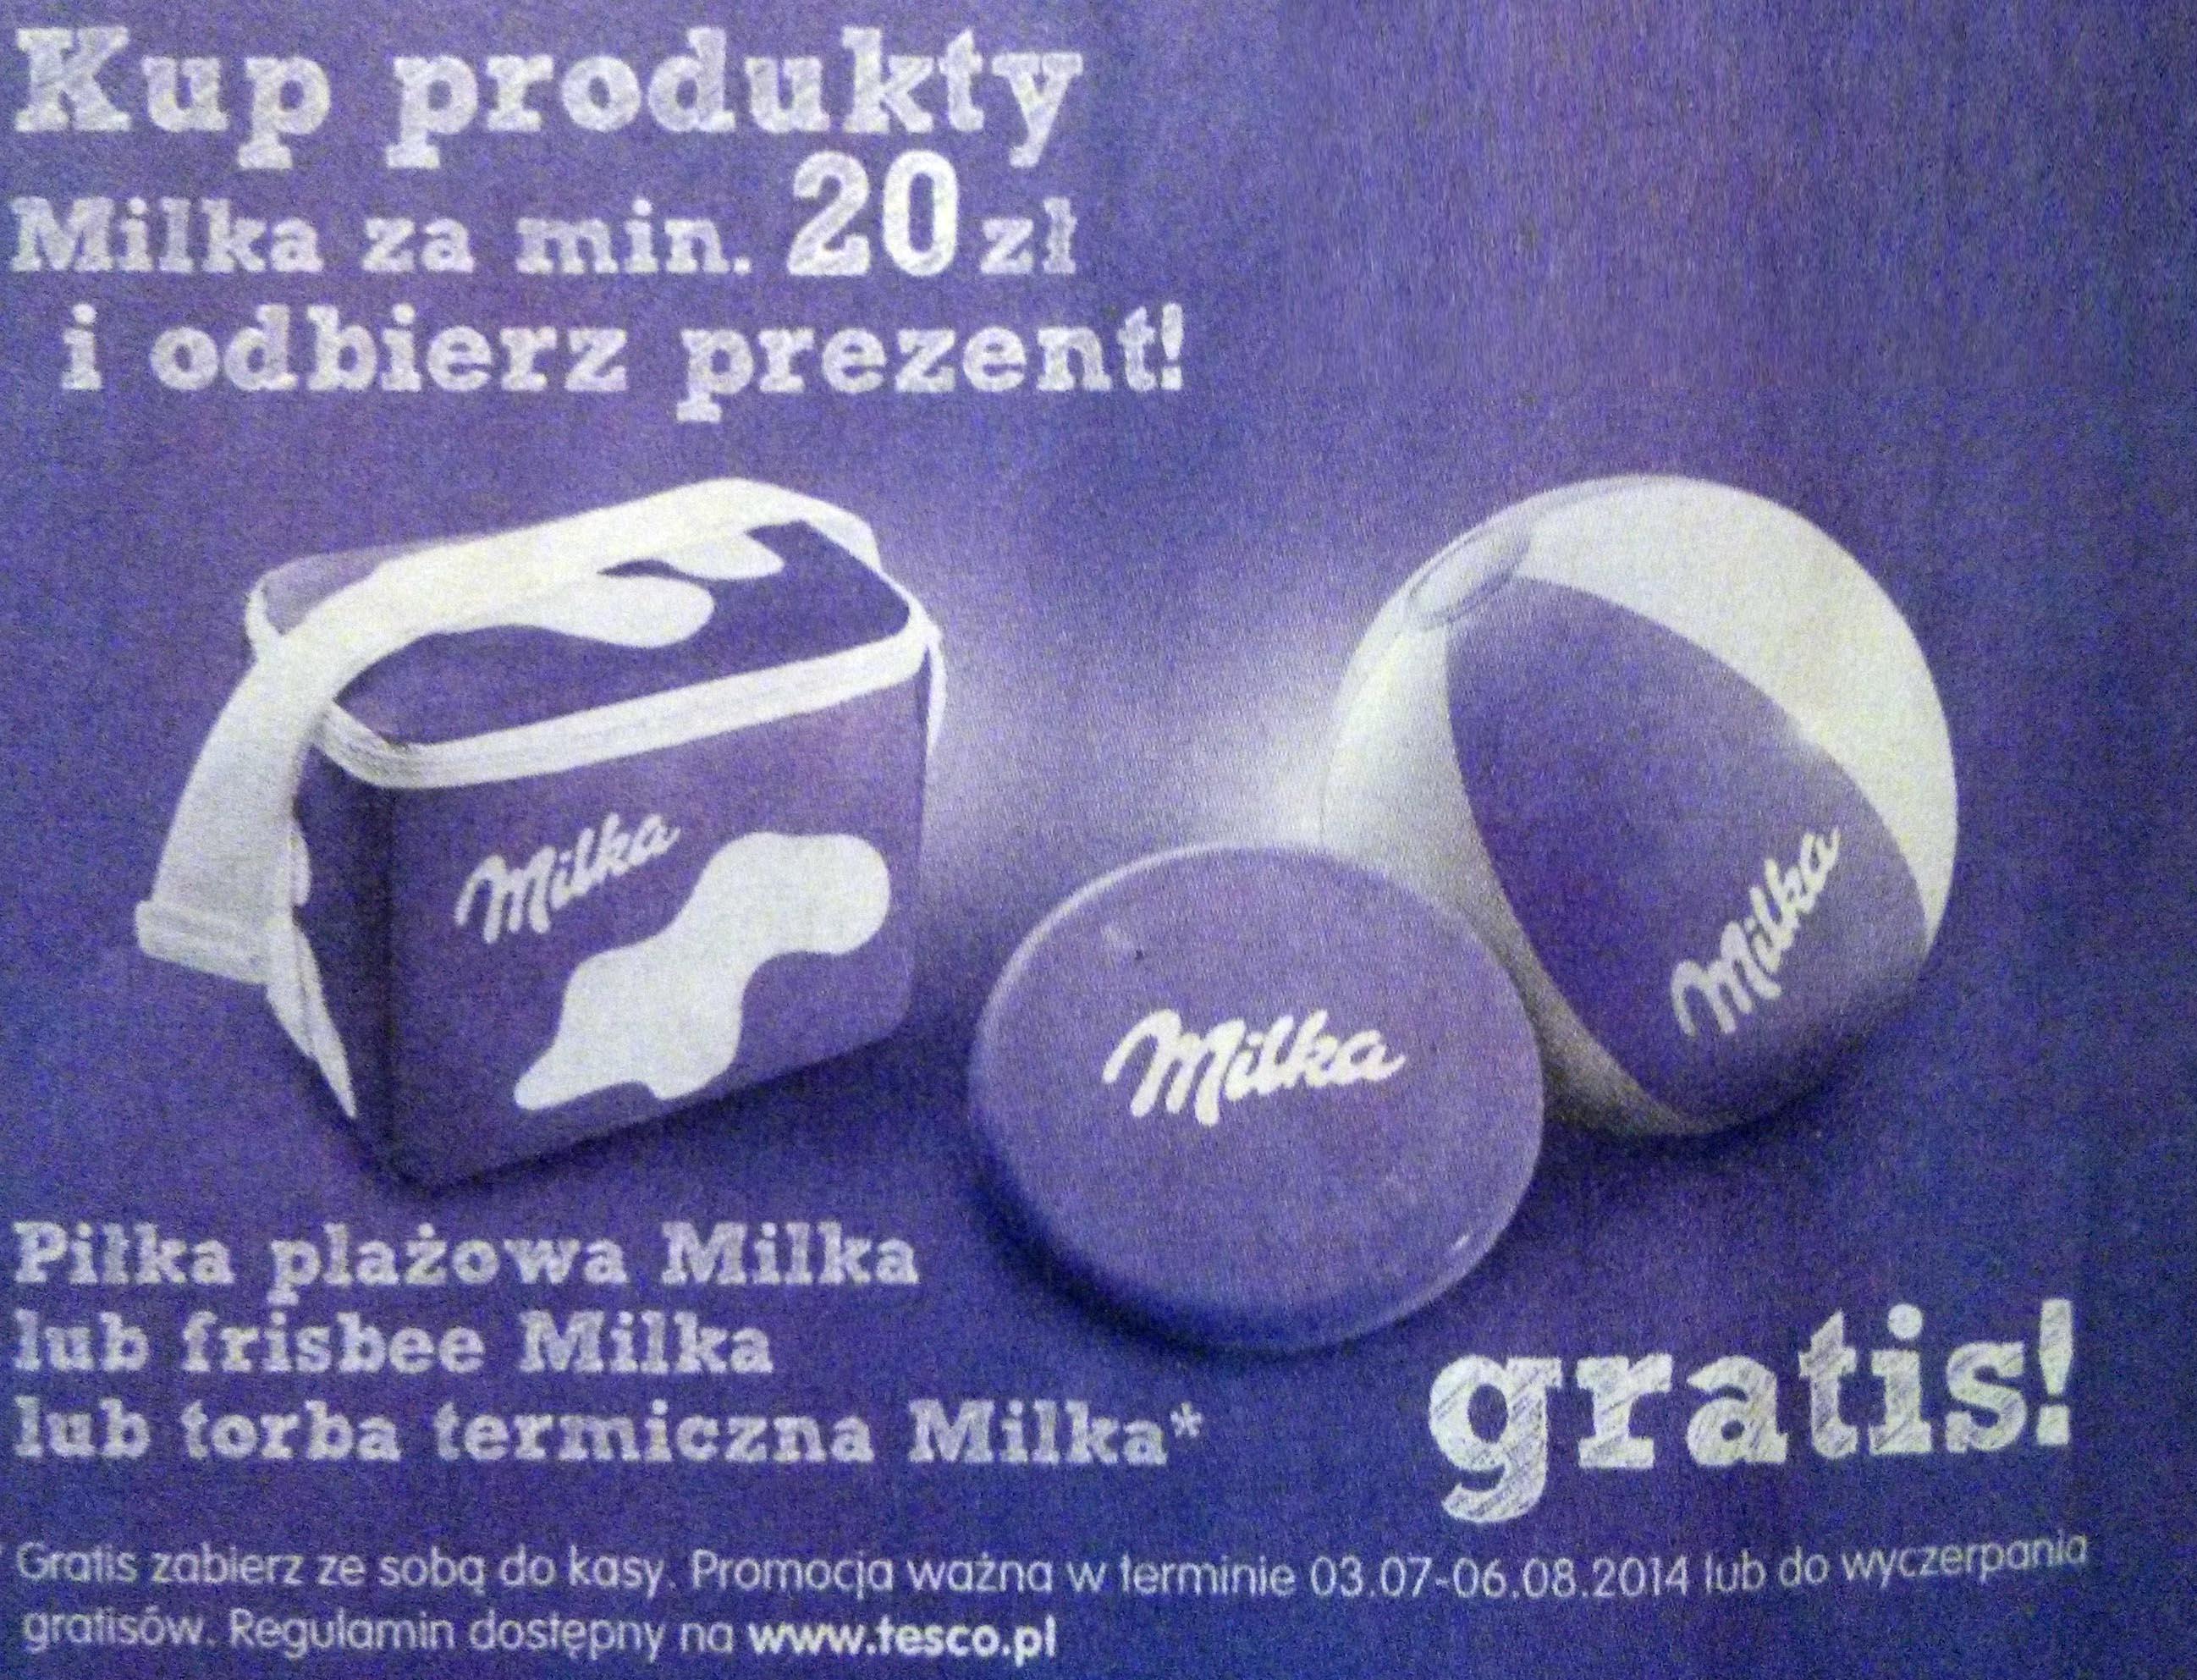 Kup produkty Milka za min. 20 zł i odbierz prezent @ Tesco